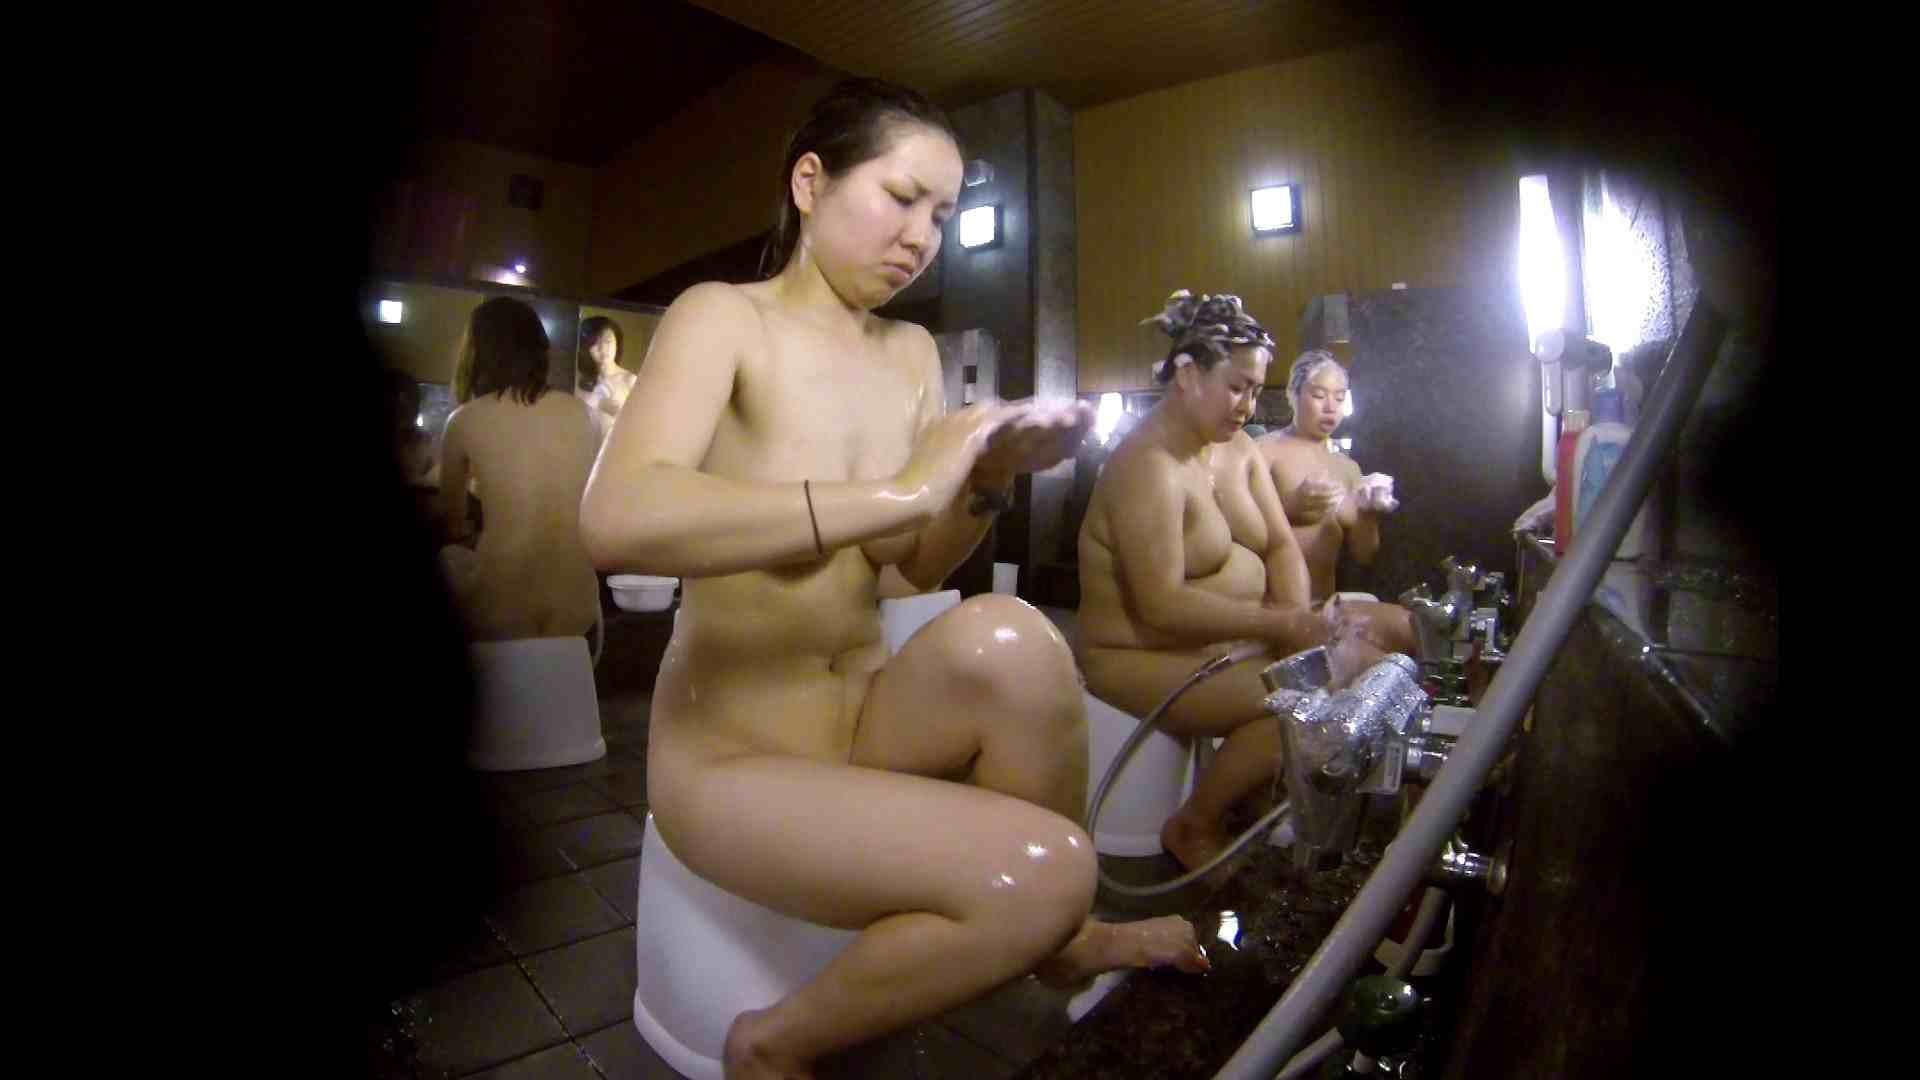 洗い場!色白でなかなかの美巨乳。柔らかく揺れまくりです 女湯のぞき エロ画像 94枚 76